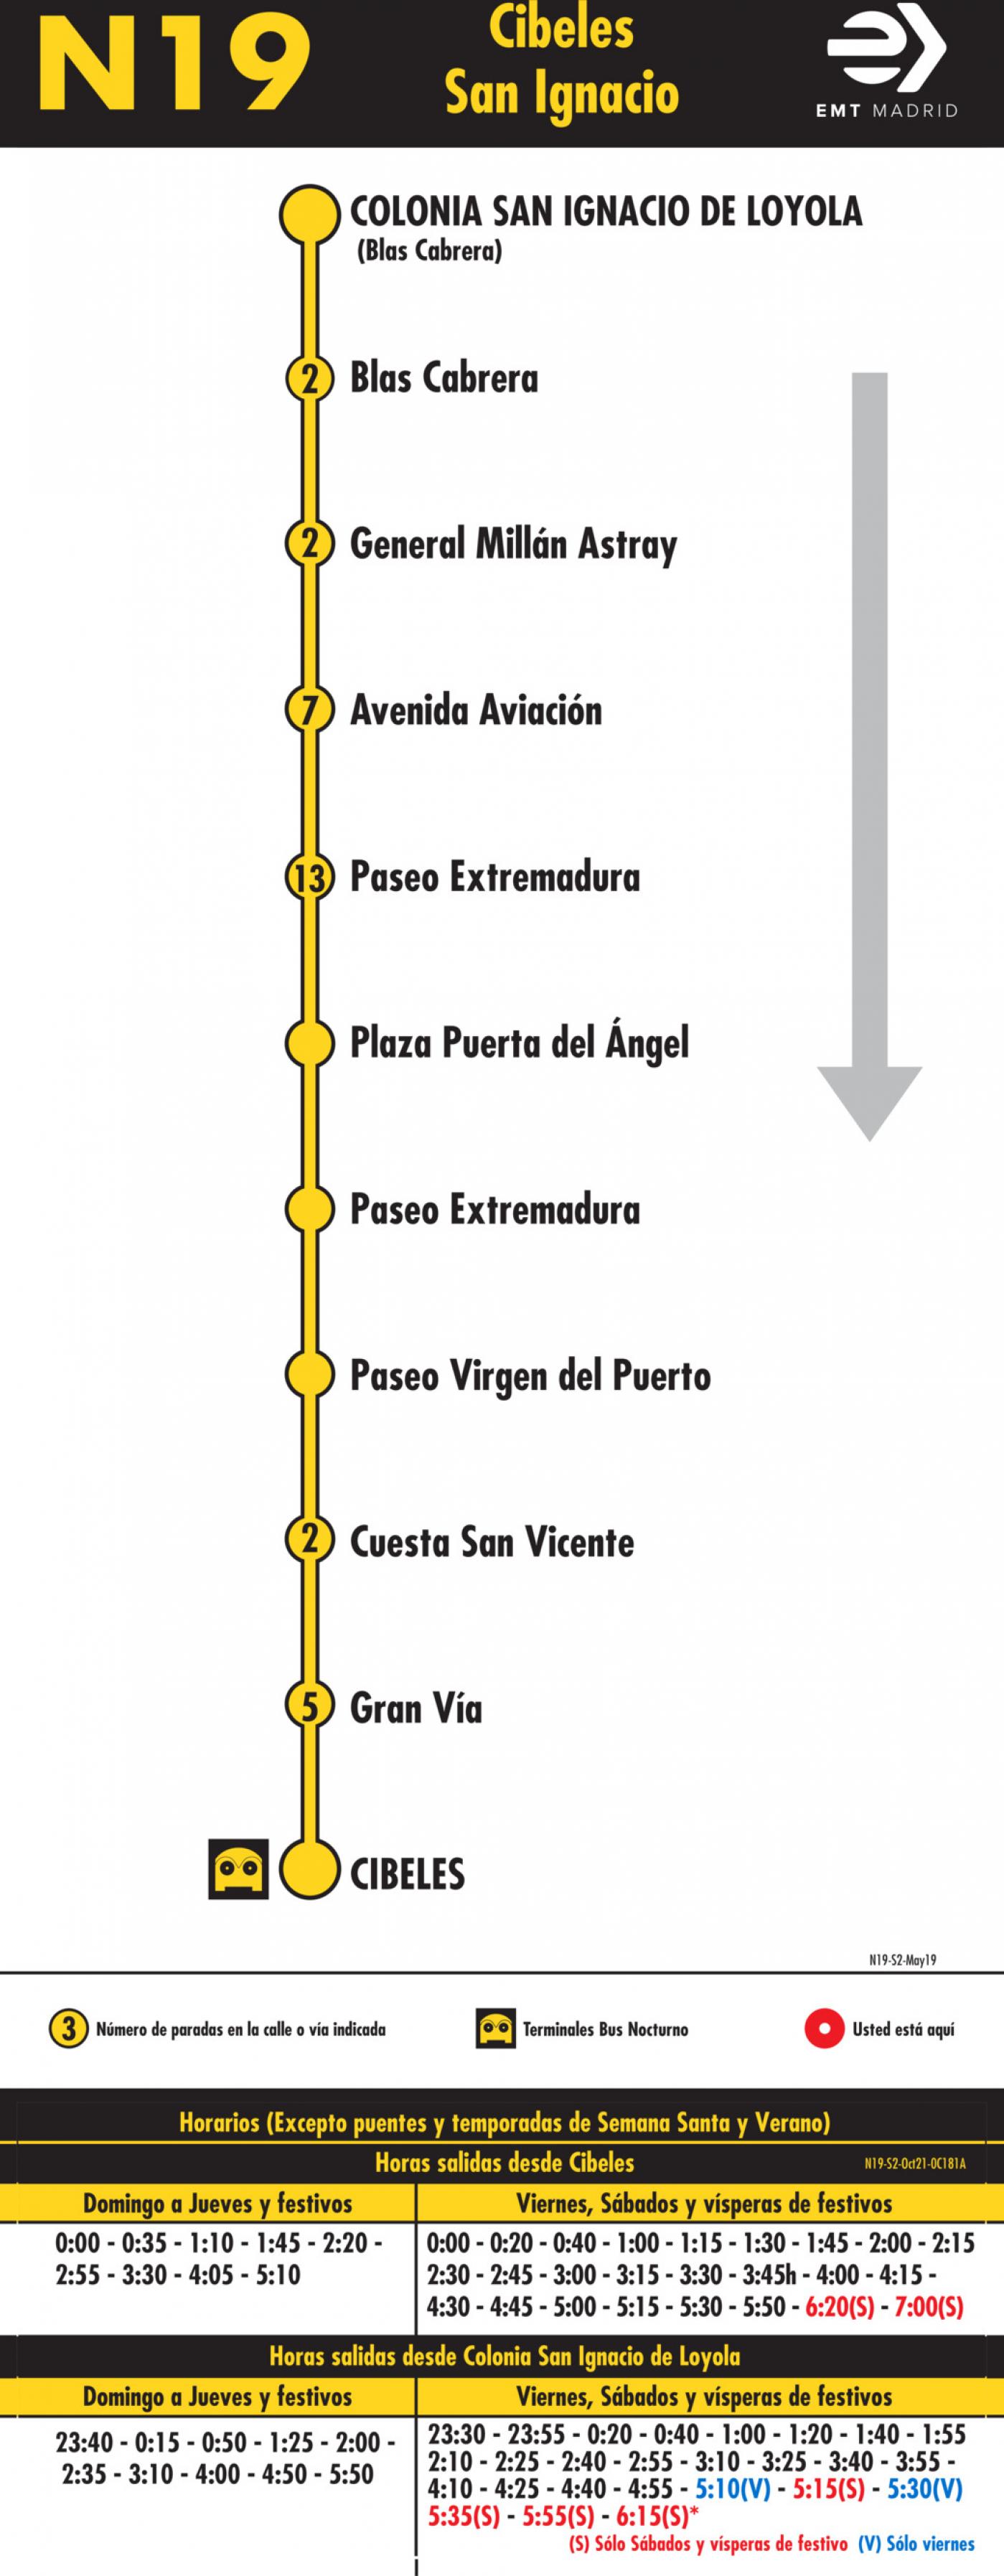 Tabla de horarios y frecuencias de paso en sentido vuelta Línea N19: Plaza de Cibeles - Colonia San Ignacio de Loyola (búho)